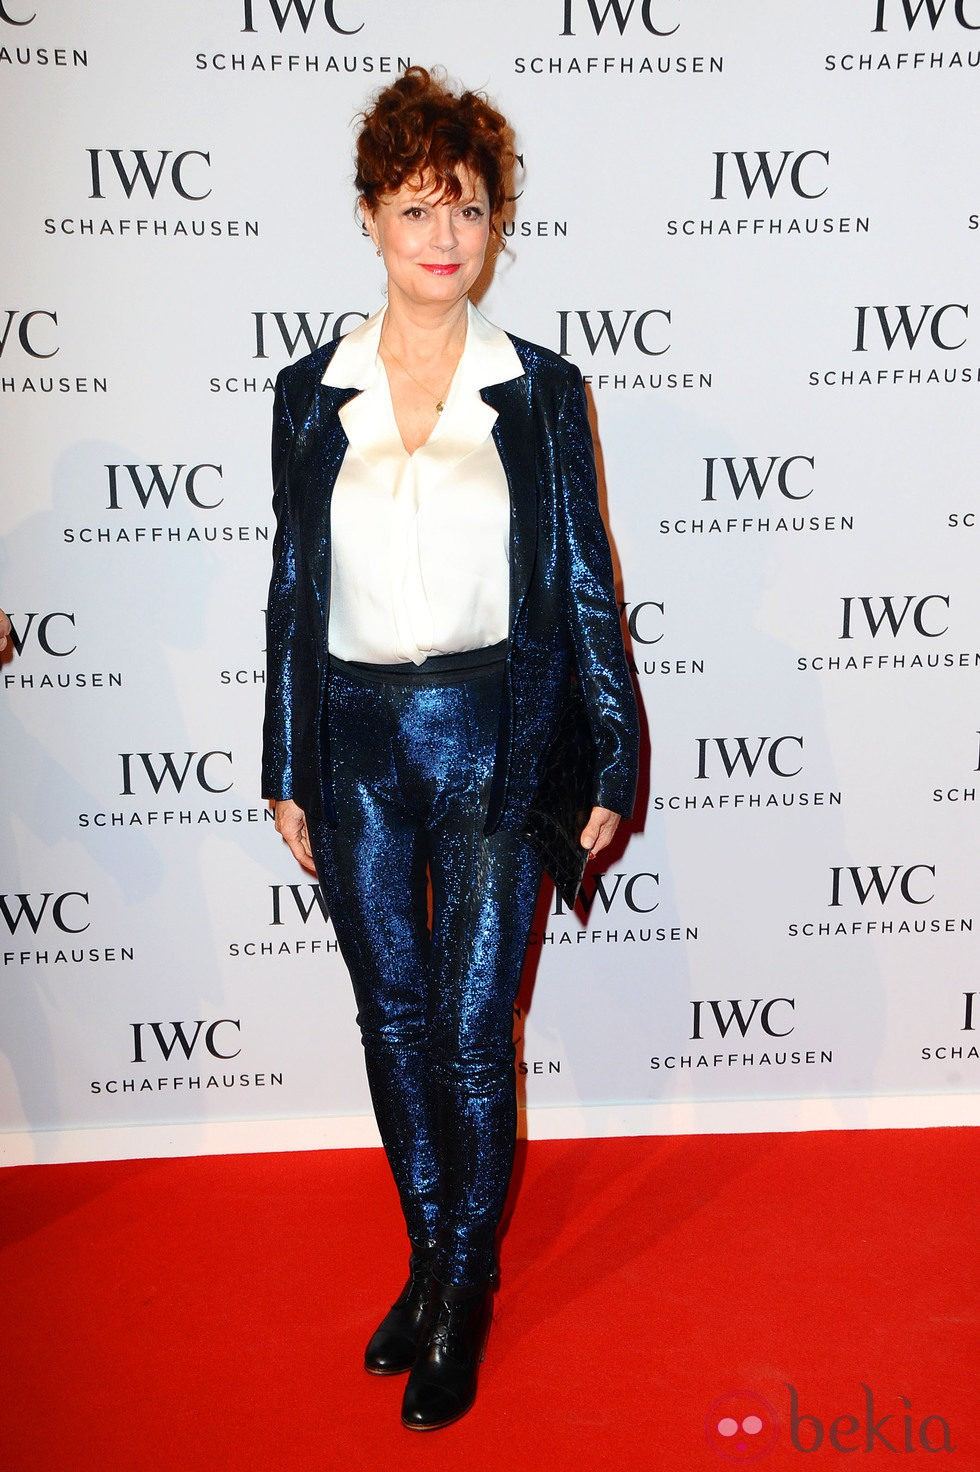 Susan Sarandon en la presentación de la colección 'Aquatimer' de IWC